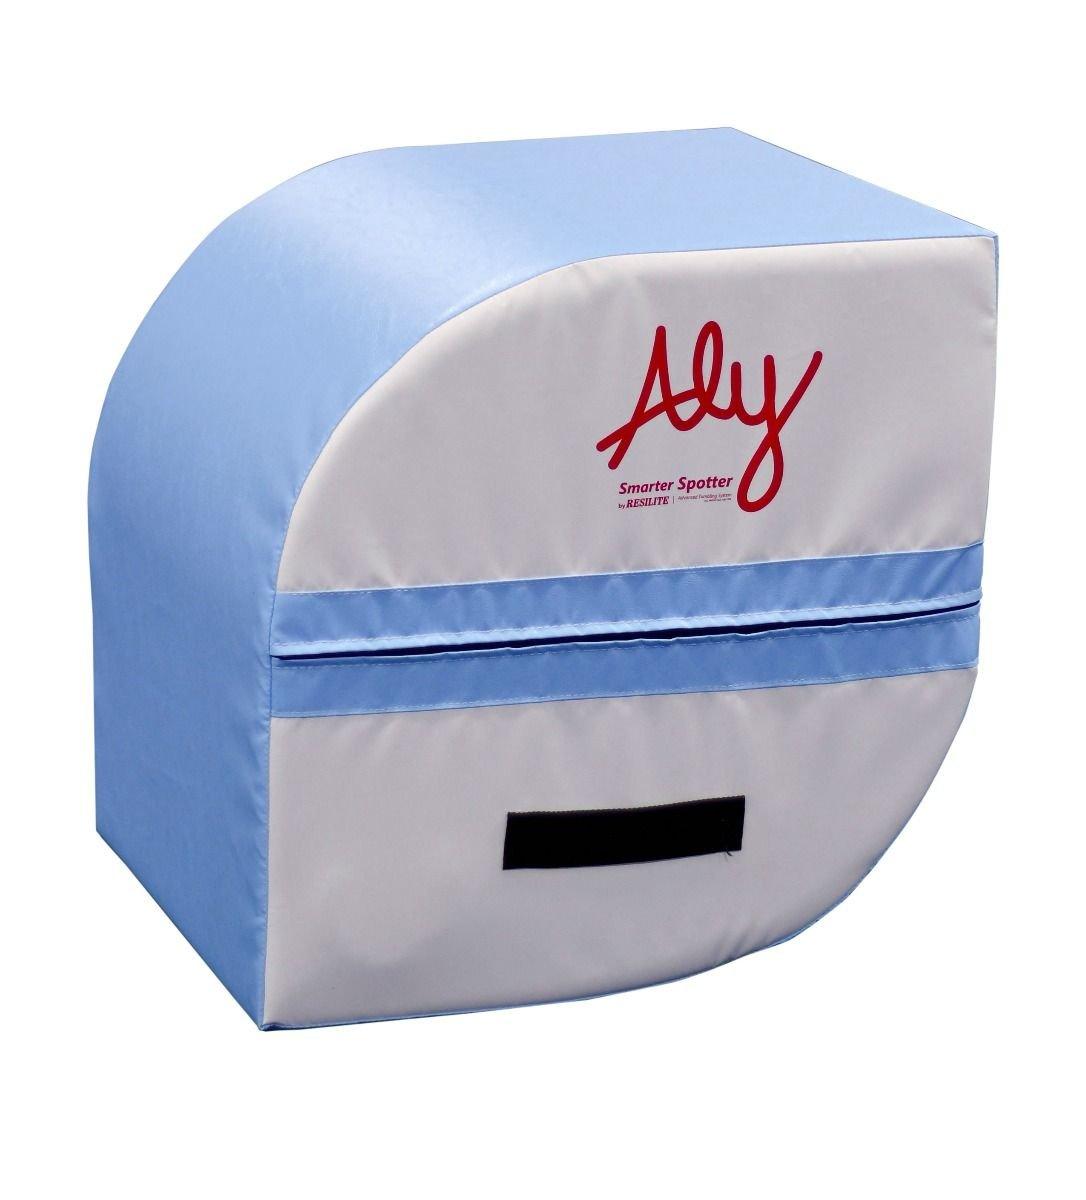 Aly Raisman署名シリーズホーム使用Smarter Spotter – 体操とタンブル B071J6J46V